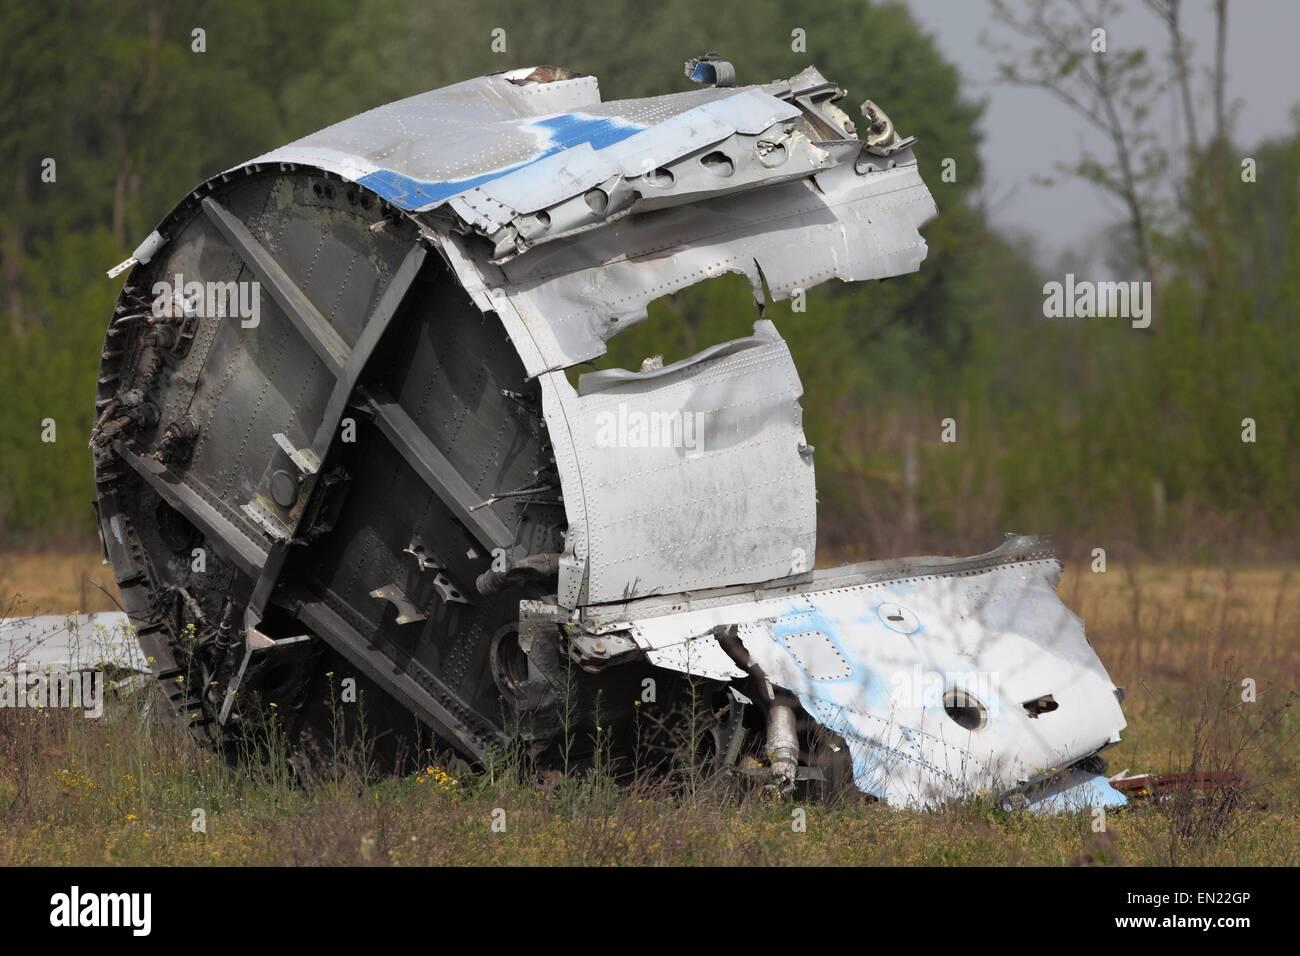 Aircraft Wreck - Stock Image